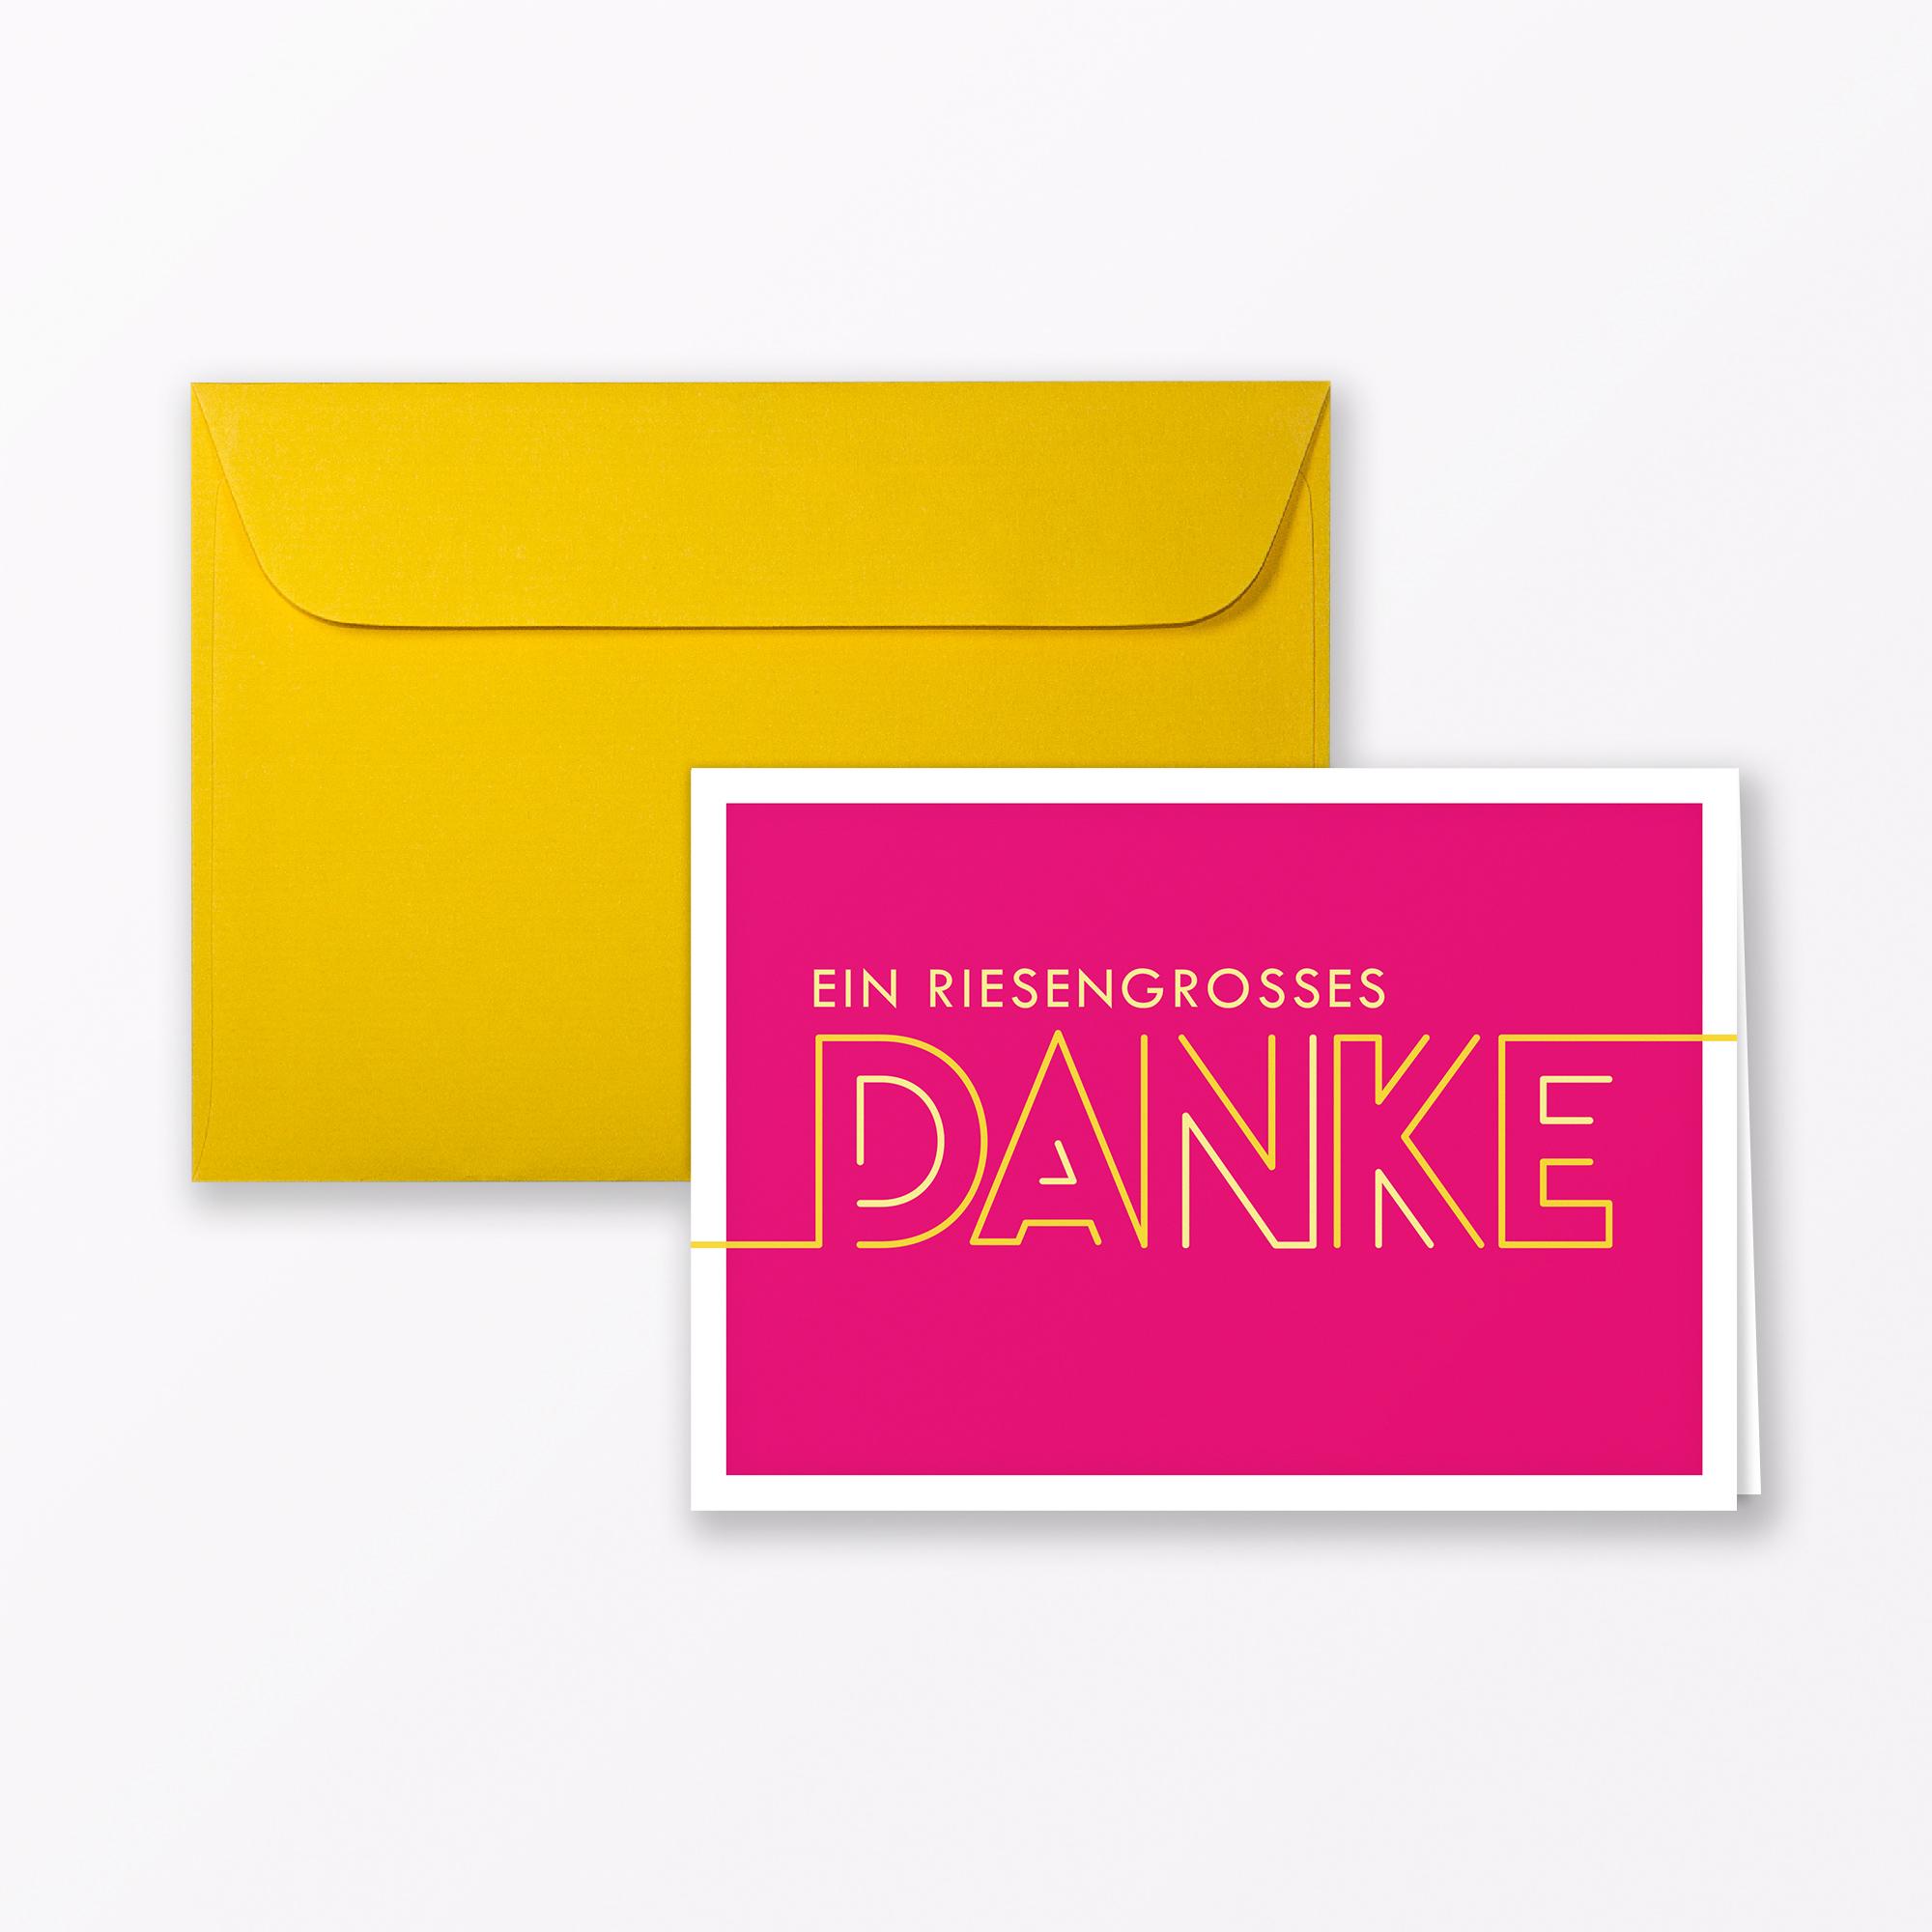 Typop A Dankeschoen Pink